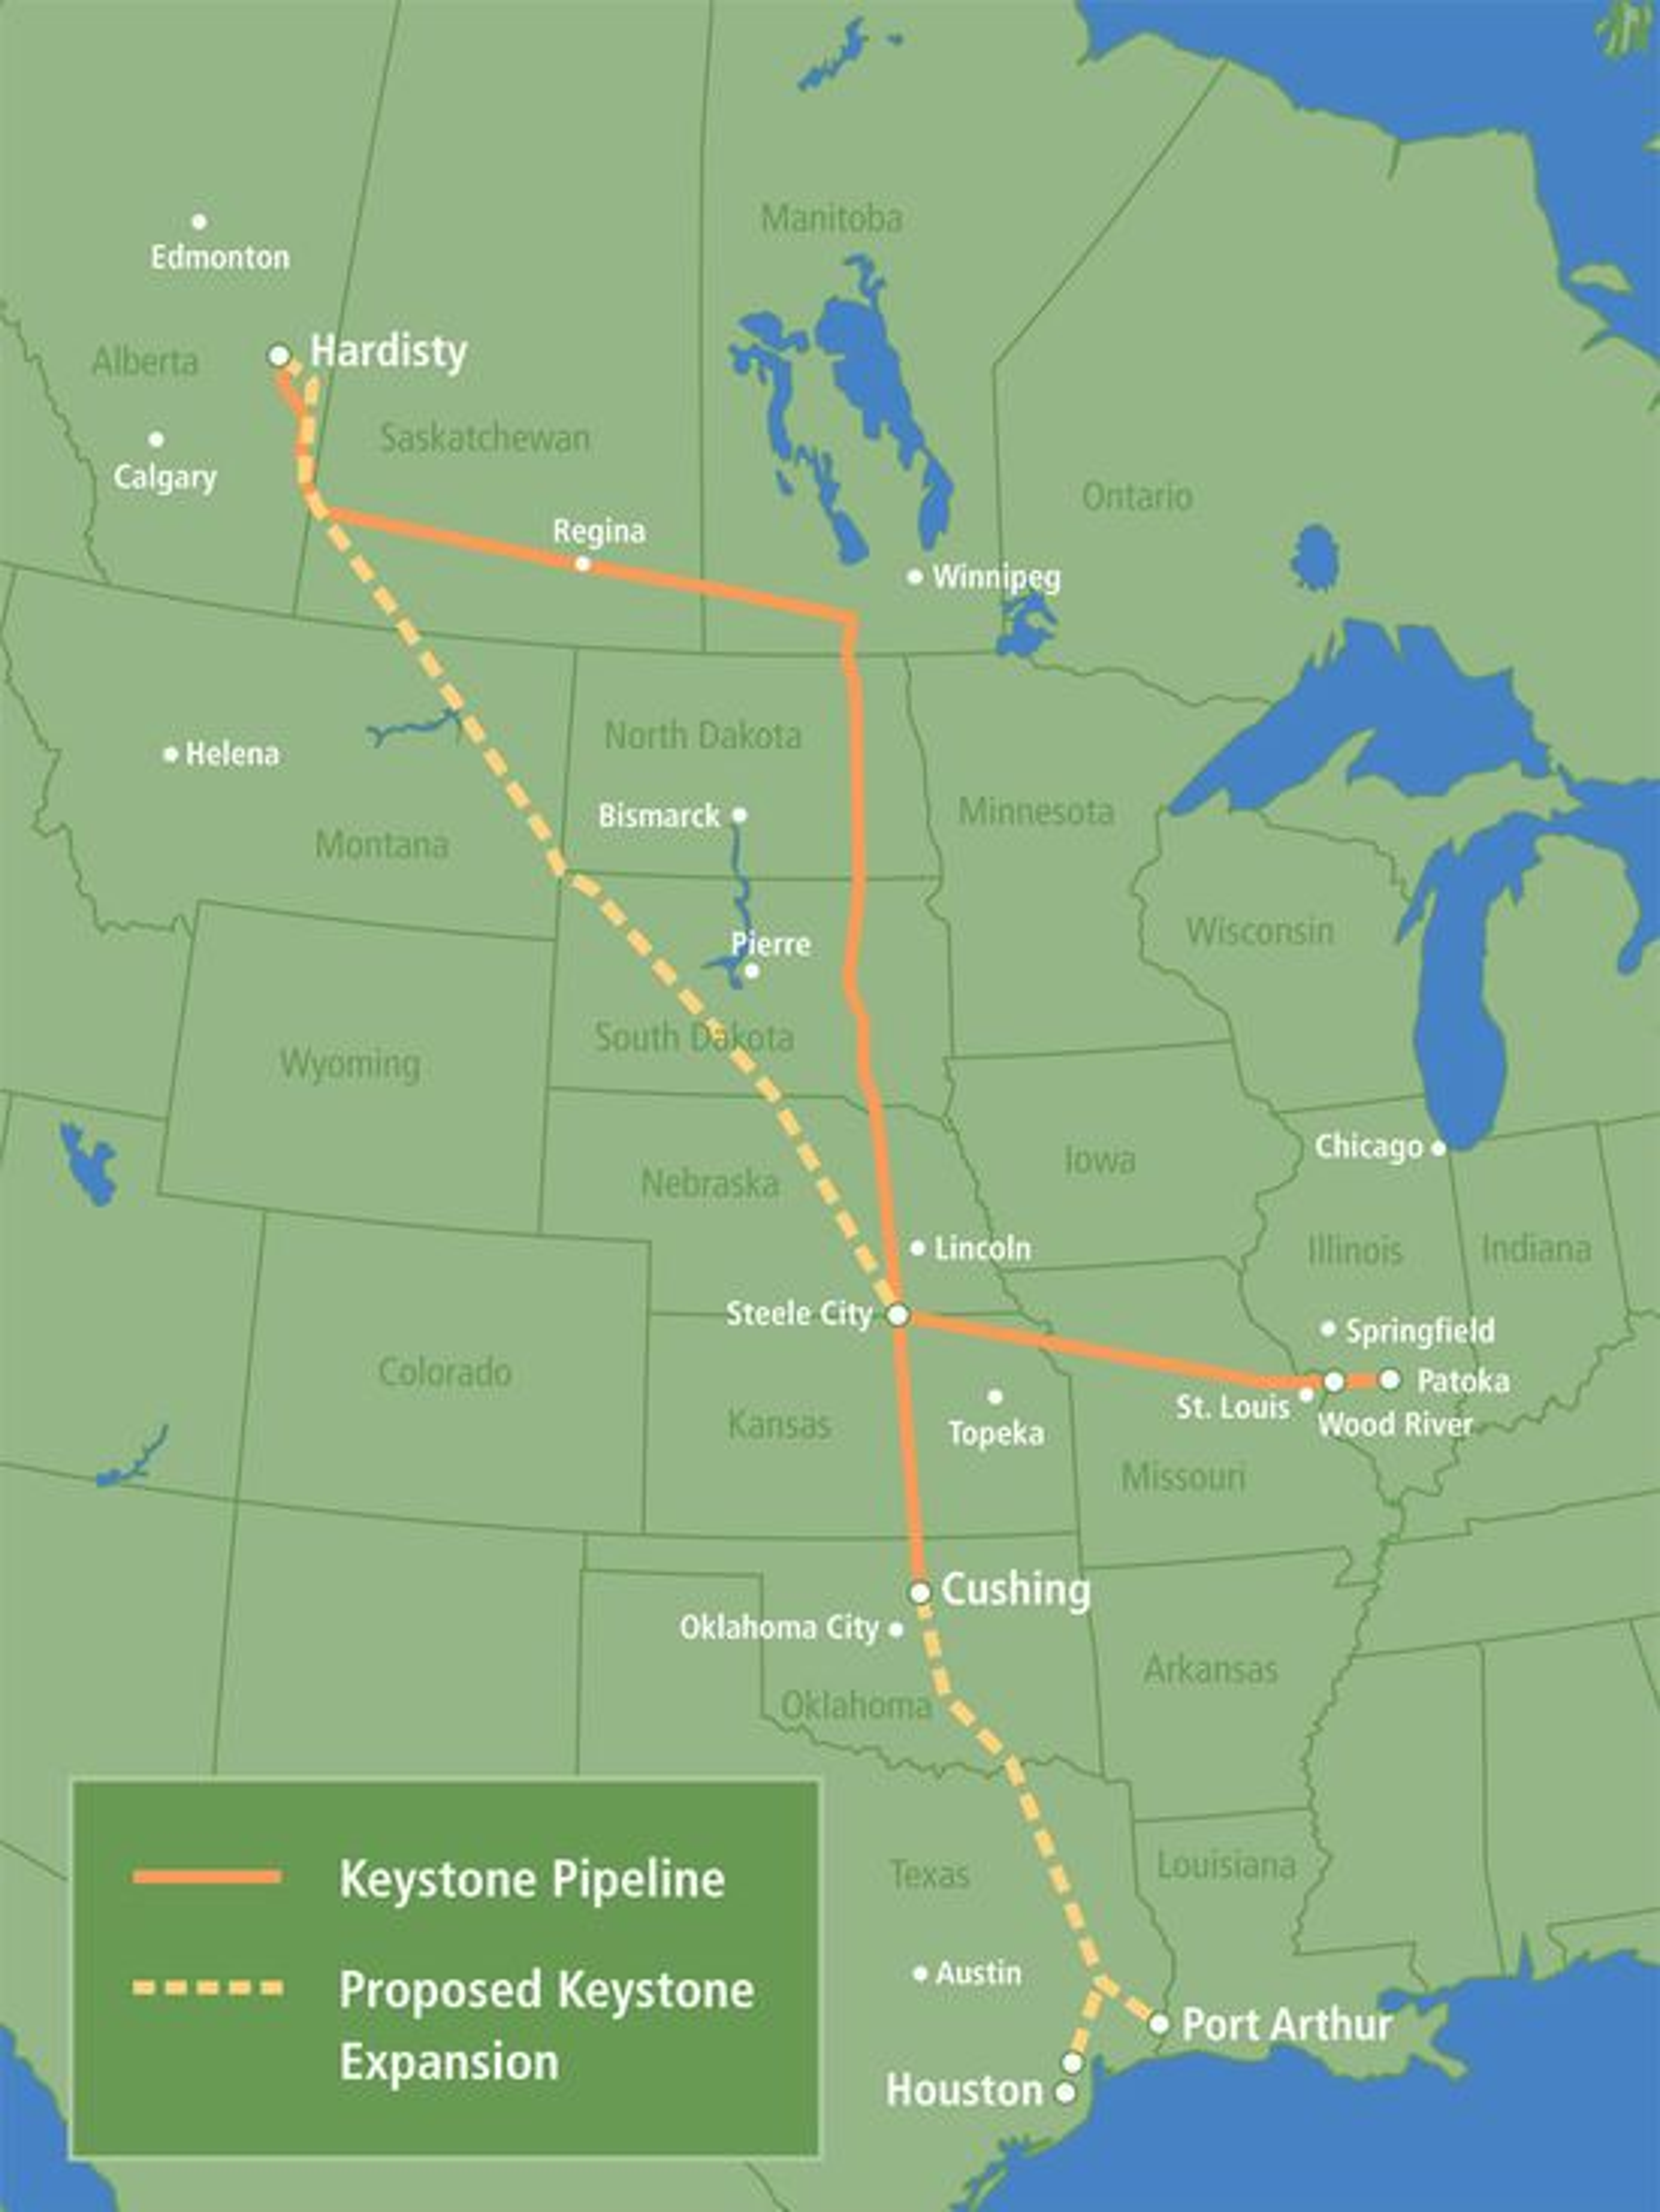 Utvidelsen av Keystone-ledningen, kjent som Keystone XL, er den prikkede linjen på kartet.